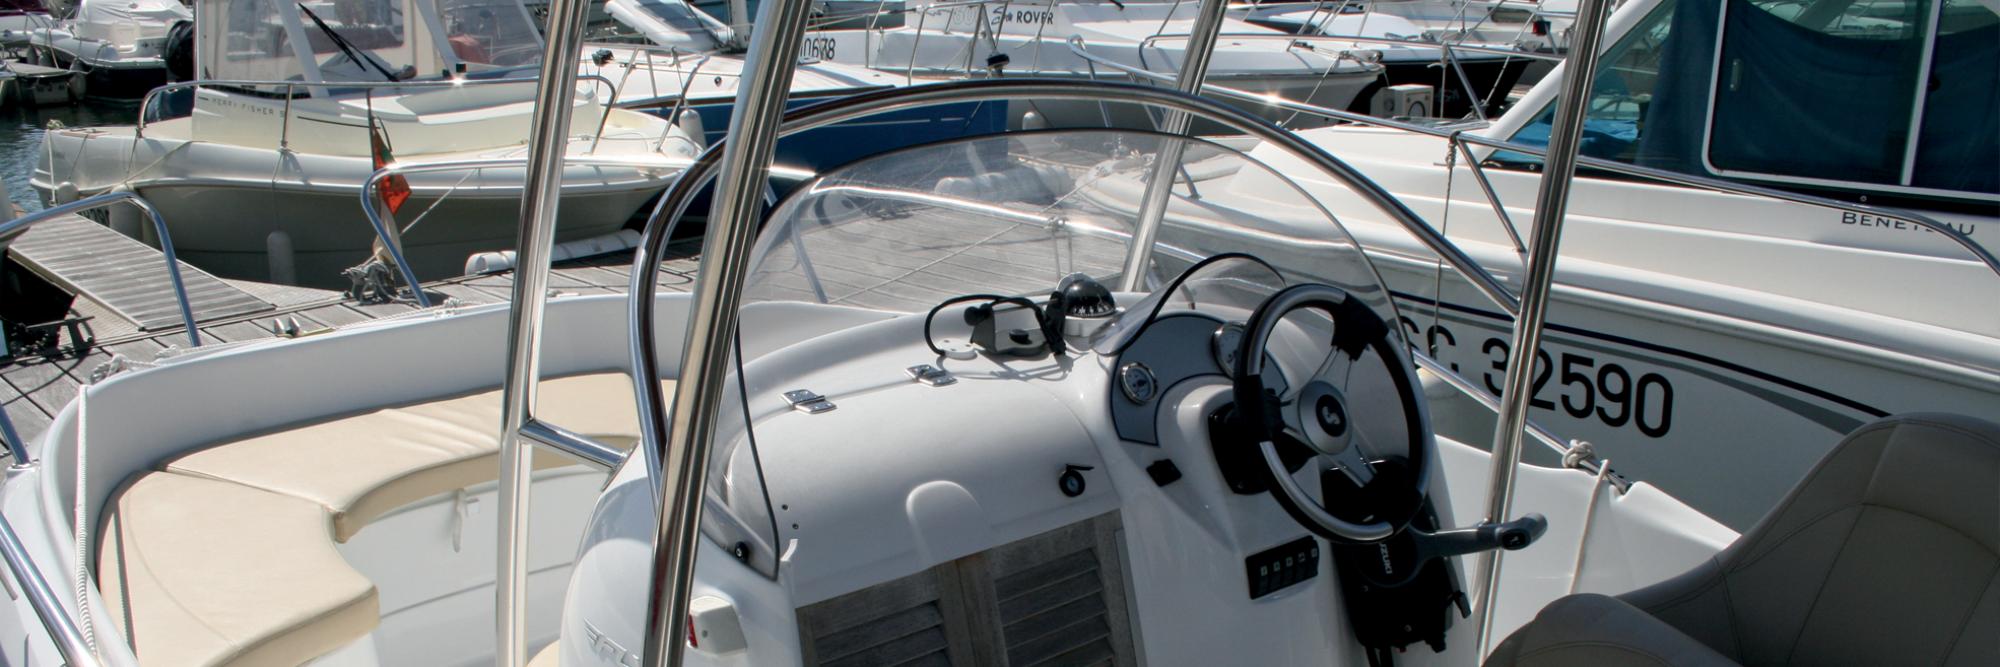 nettoyage de bateaux de plaisance